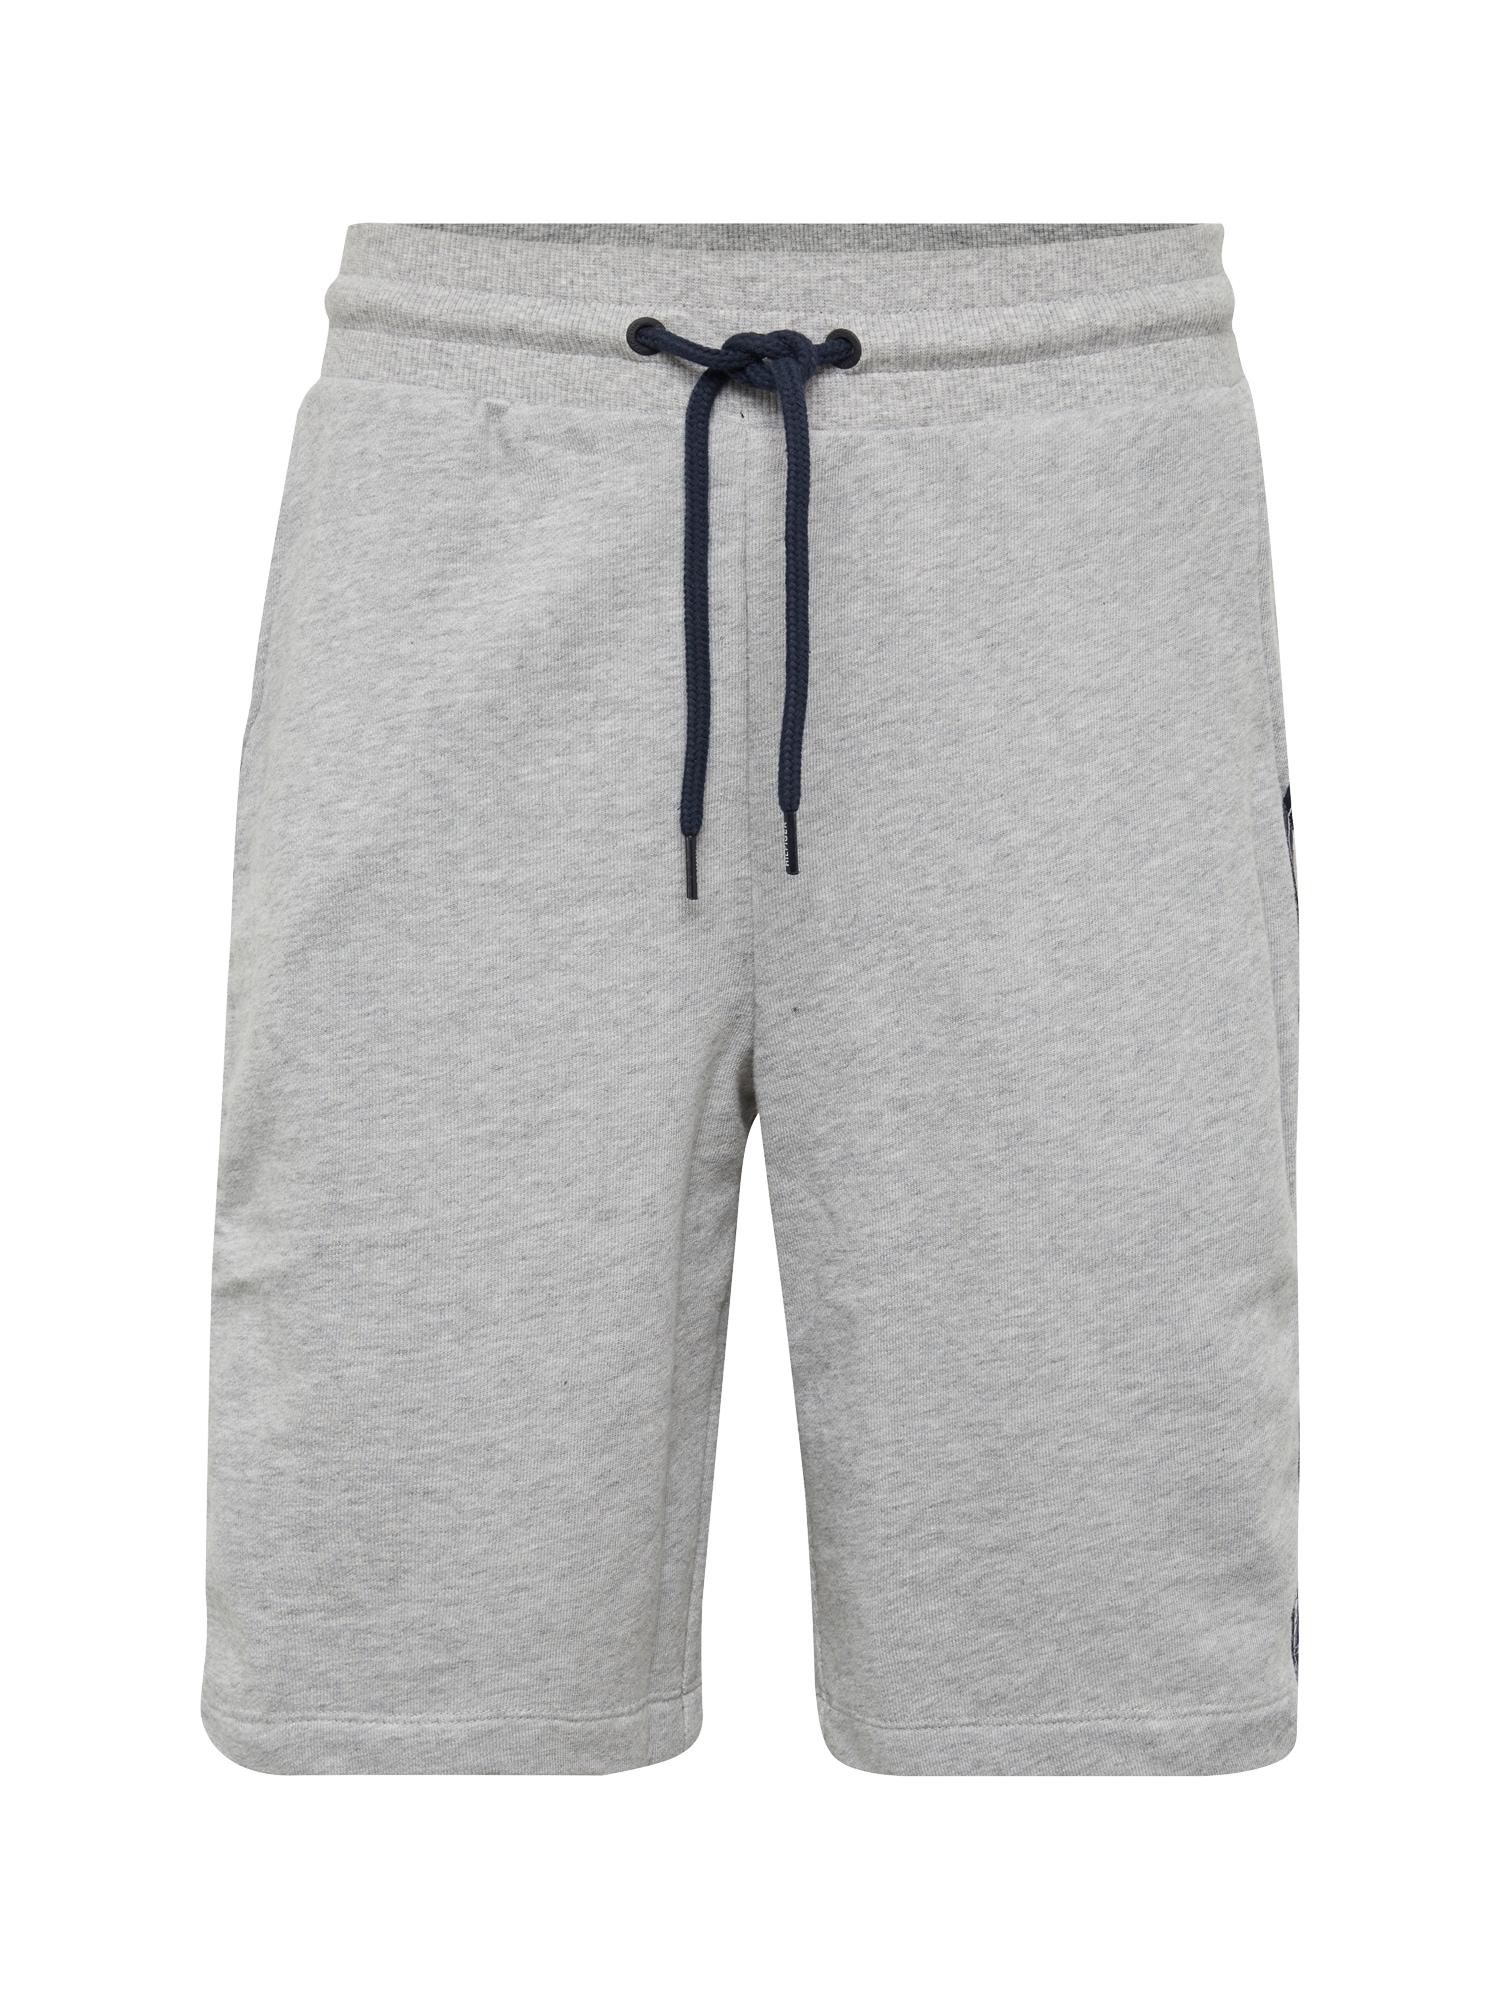 Tommy Hilfiger Underwear Kelnės